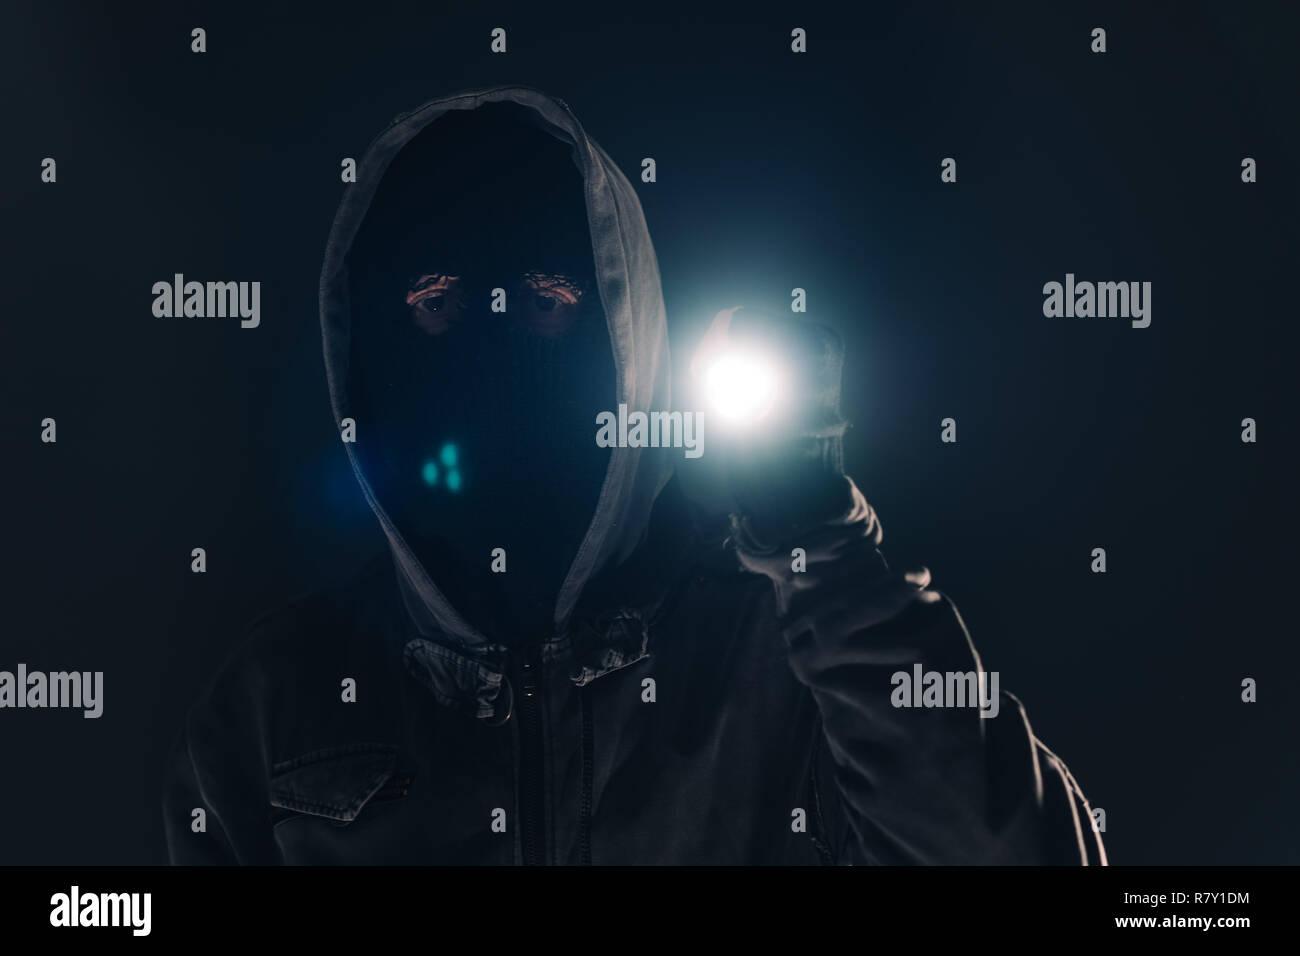 Einbrecher Eindringling mit Taschenlampe Taschenlampe in der Nacht, Low Key selektiven Fokus Stockfoto